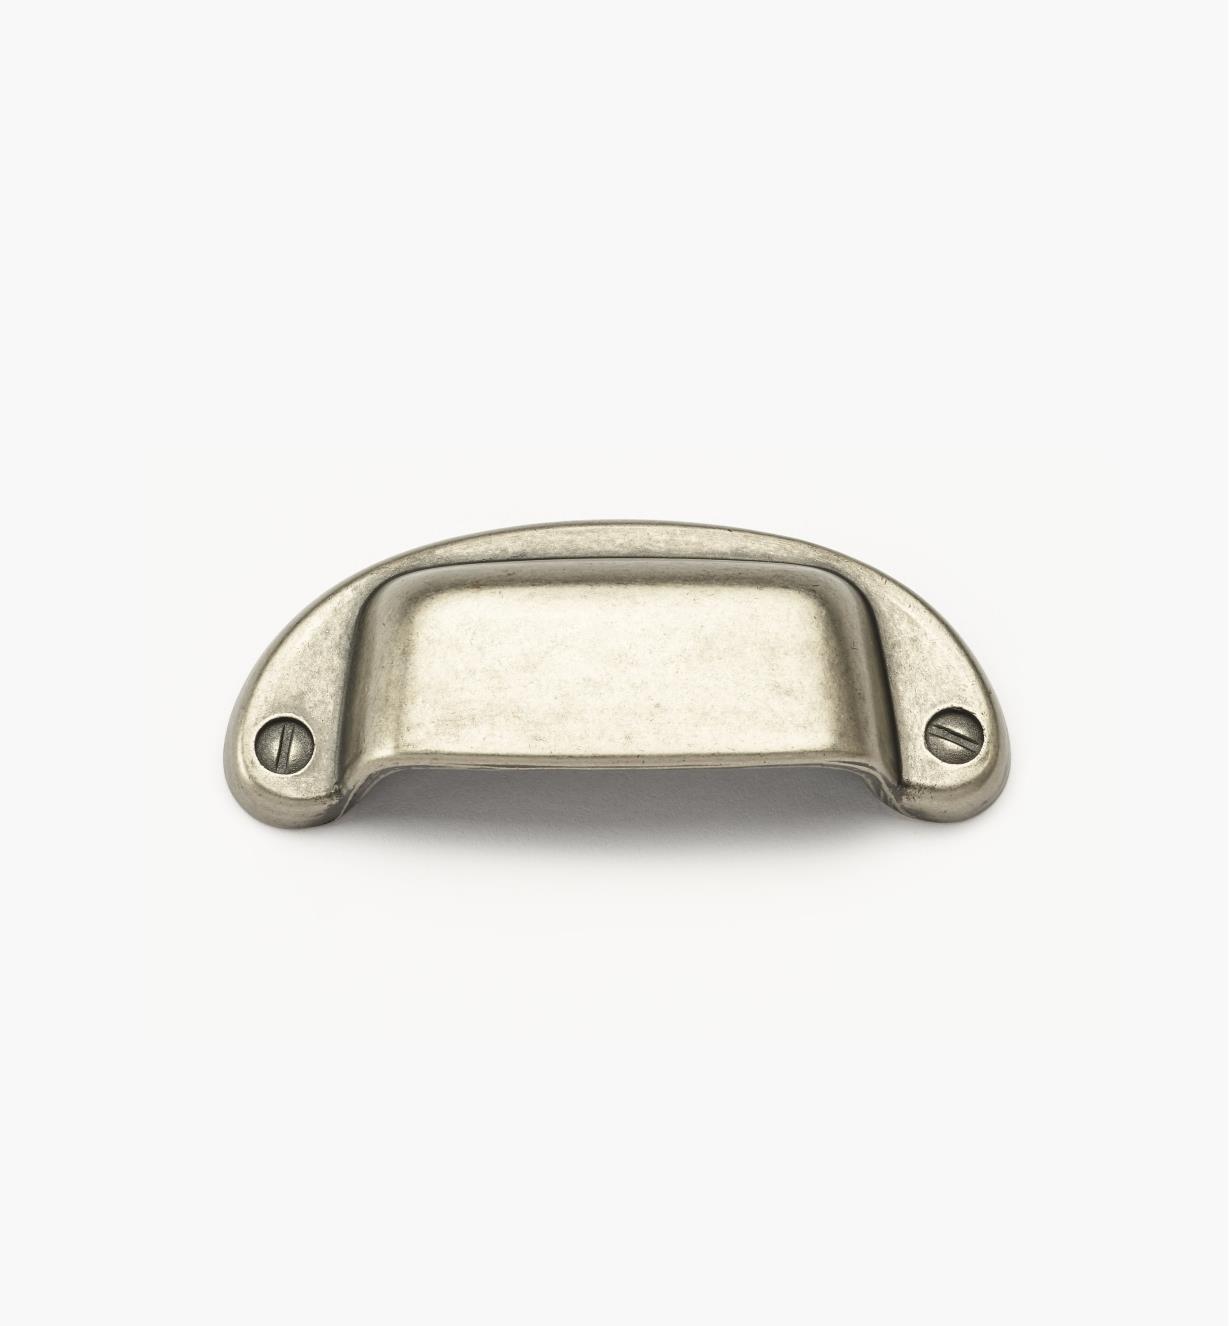 01A5741 - Poignée en coupelle carrée, étain, 3po